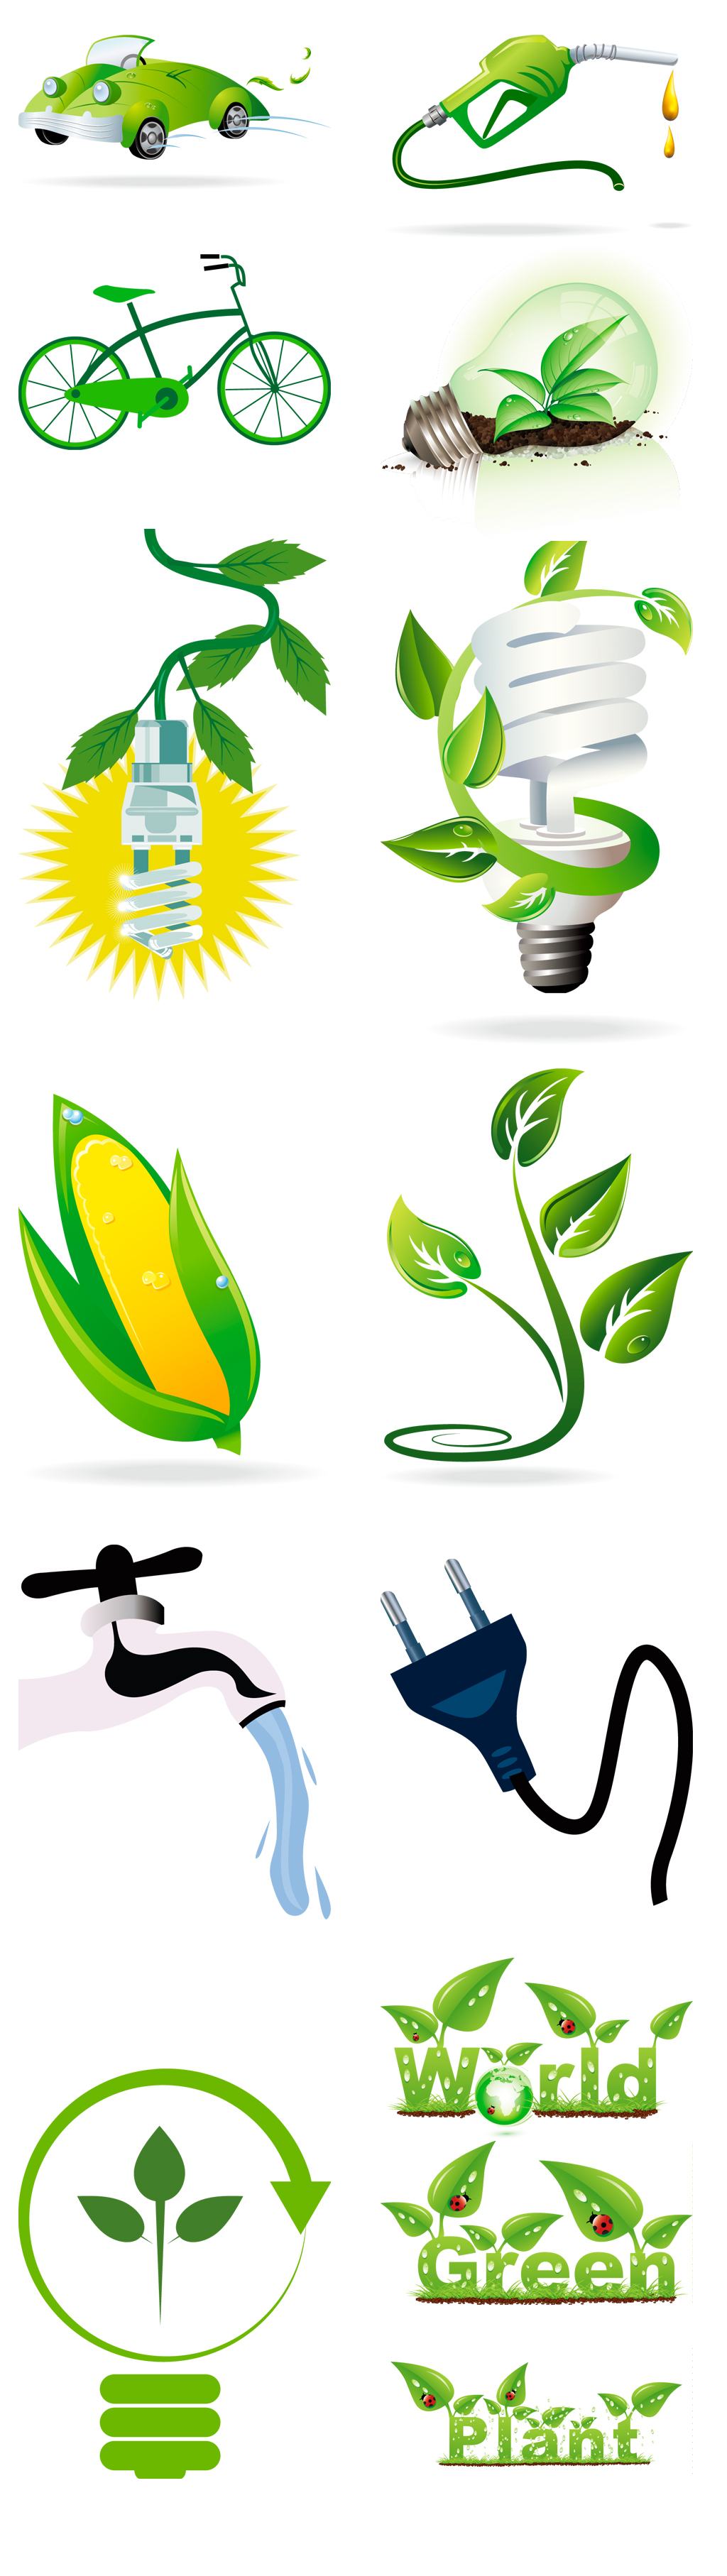 矢量环保绿色出行素材